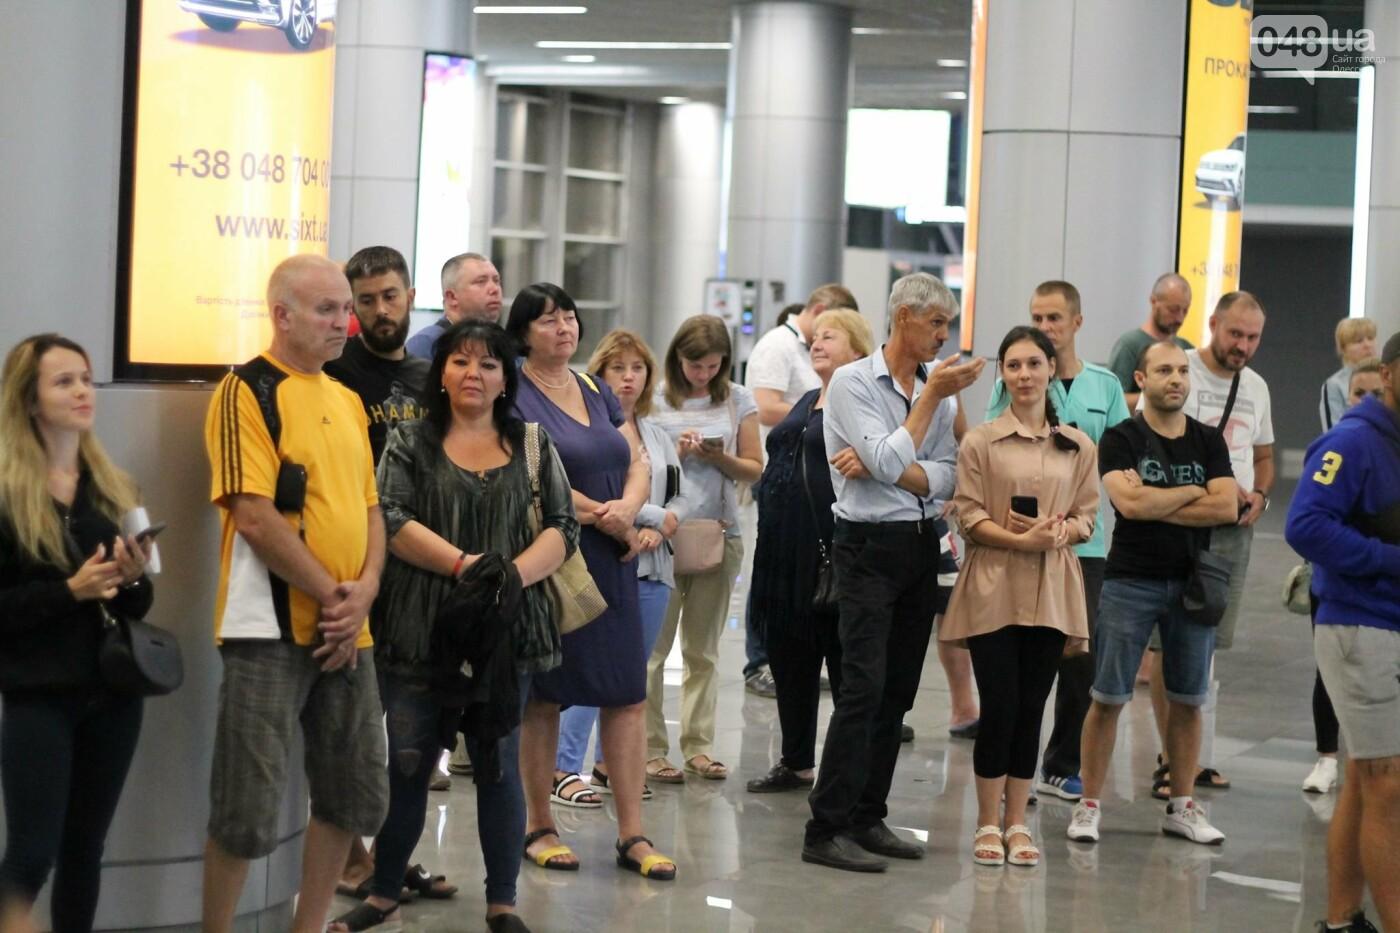 Василий Ломаченко прилетел в Одессу: как встречали боксера в аэропорту, - ФОТО, ВИДЕО, фото-9